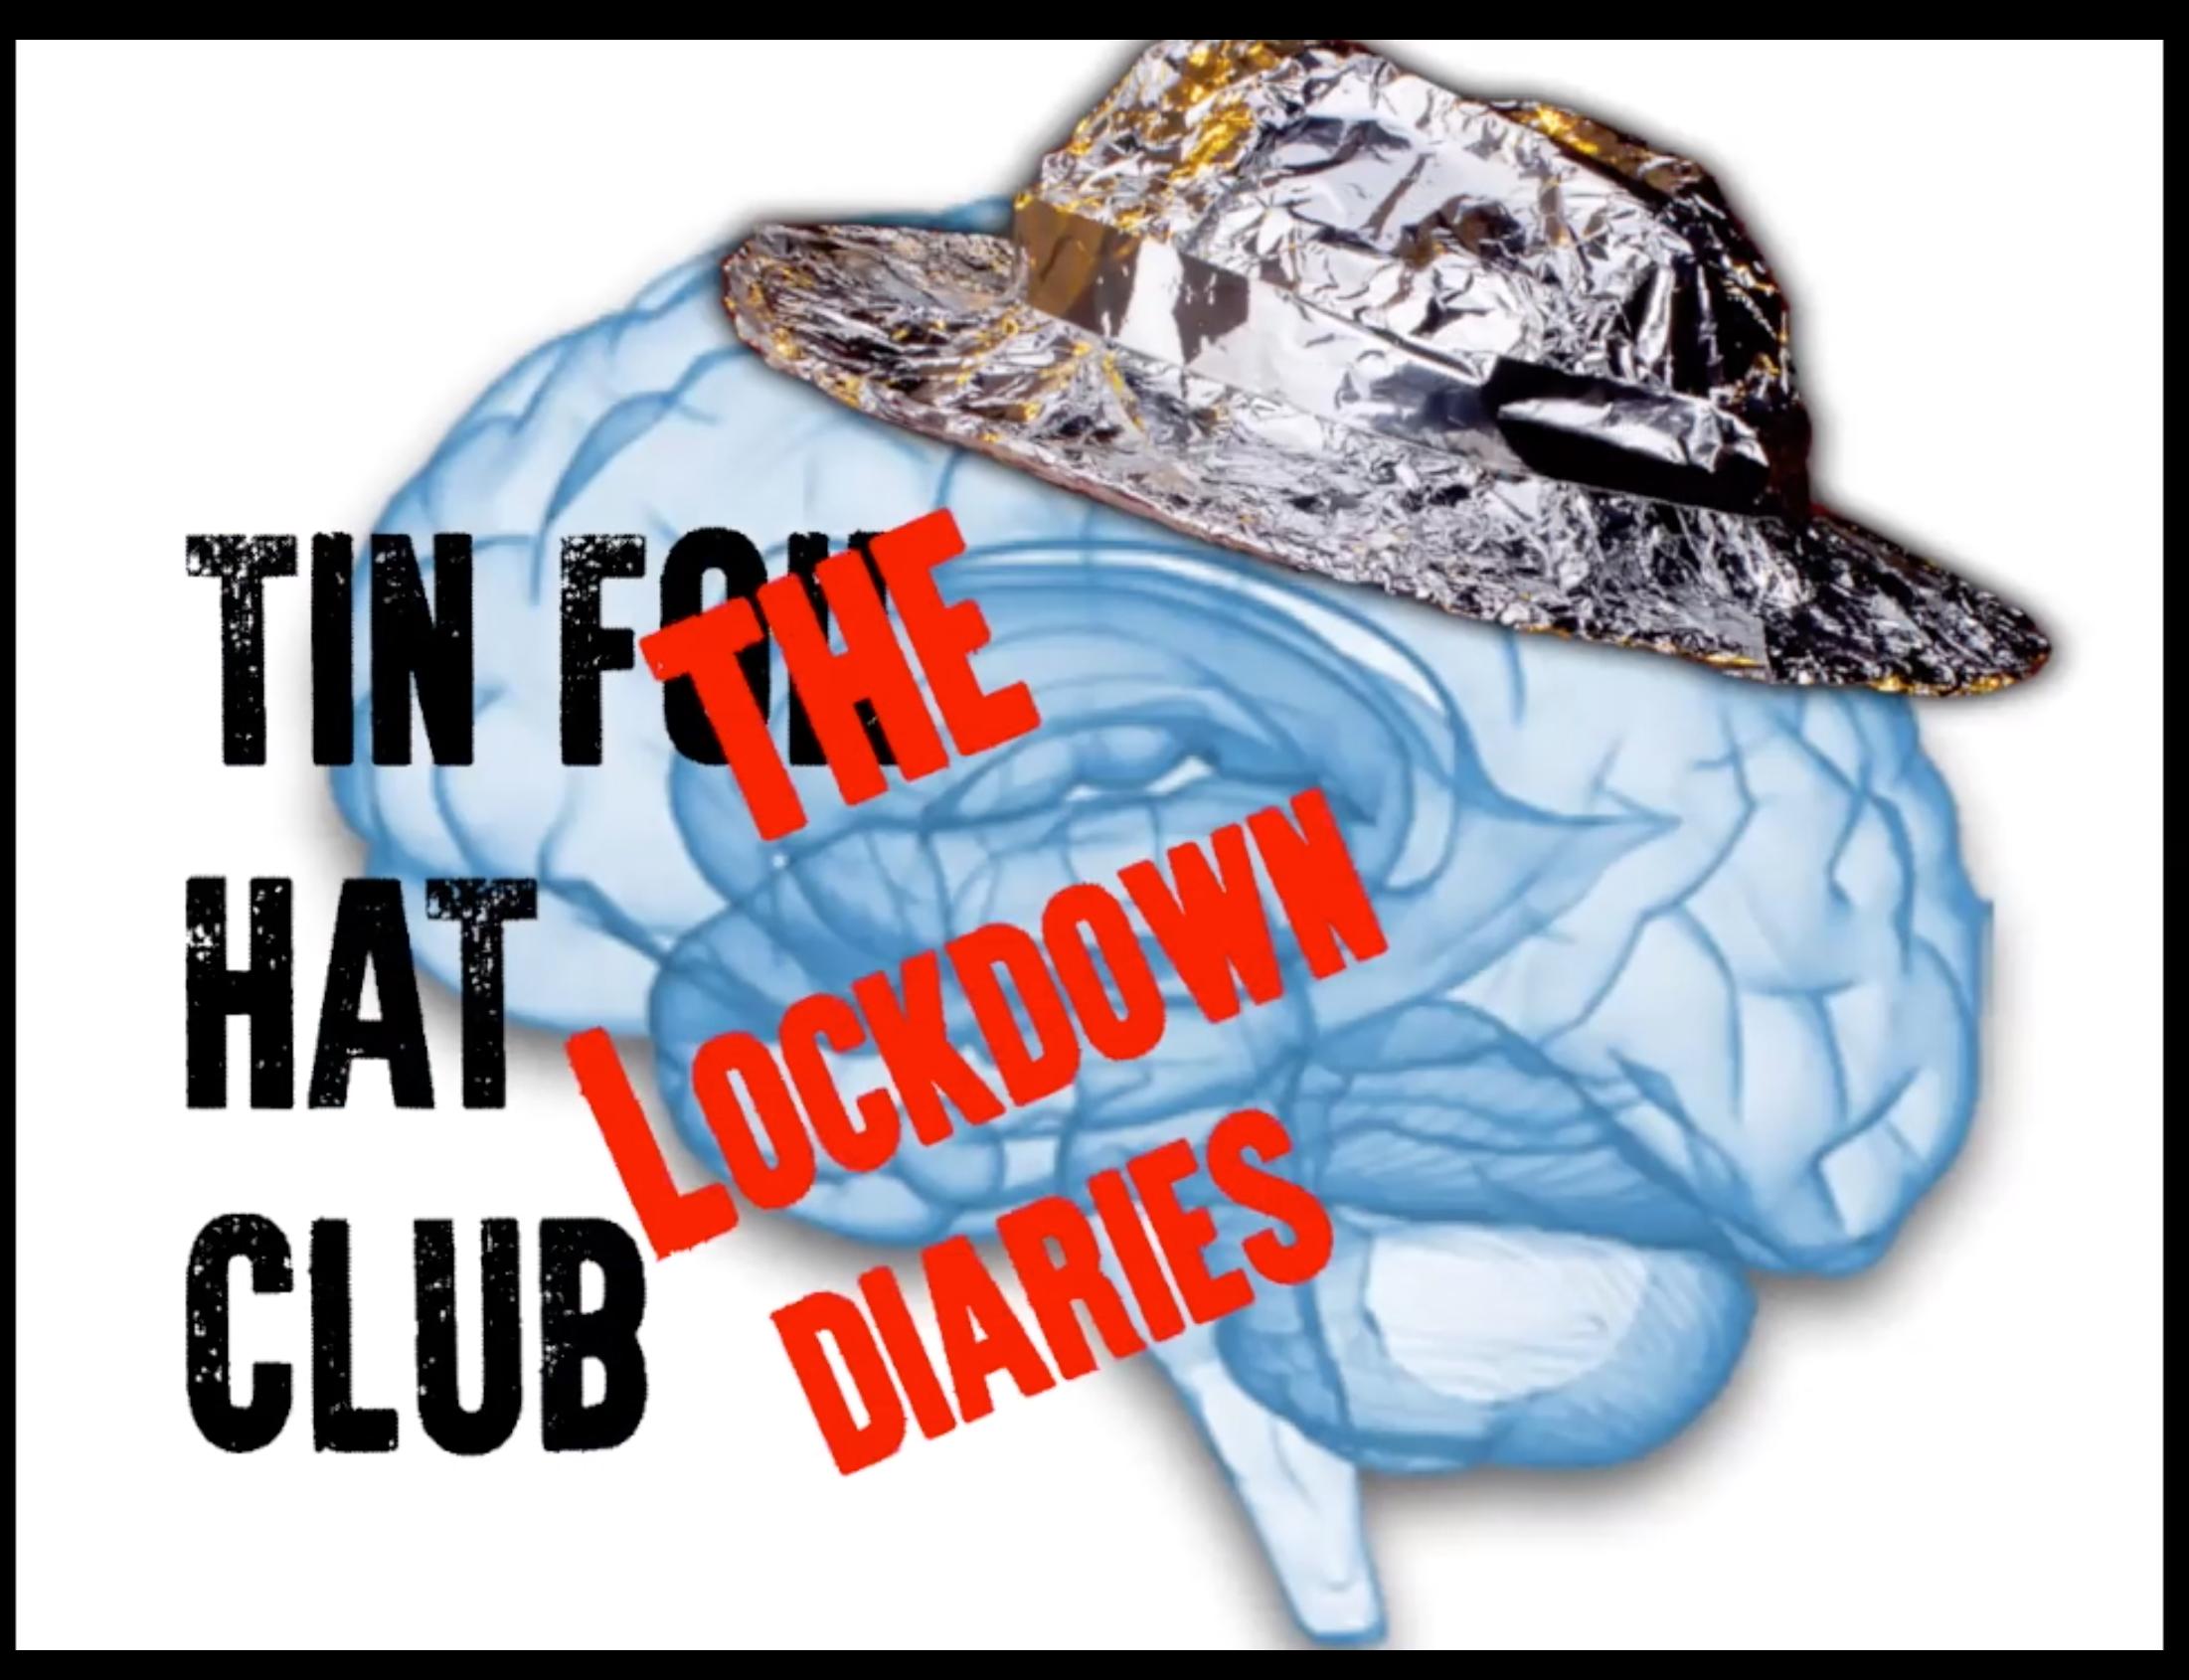 Tin Foil Hats Club - The Lockdown Diaries